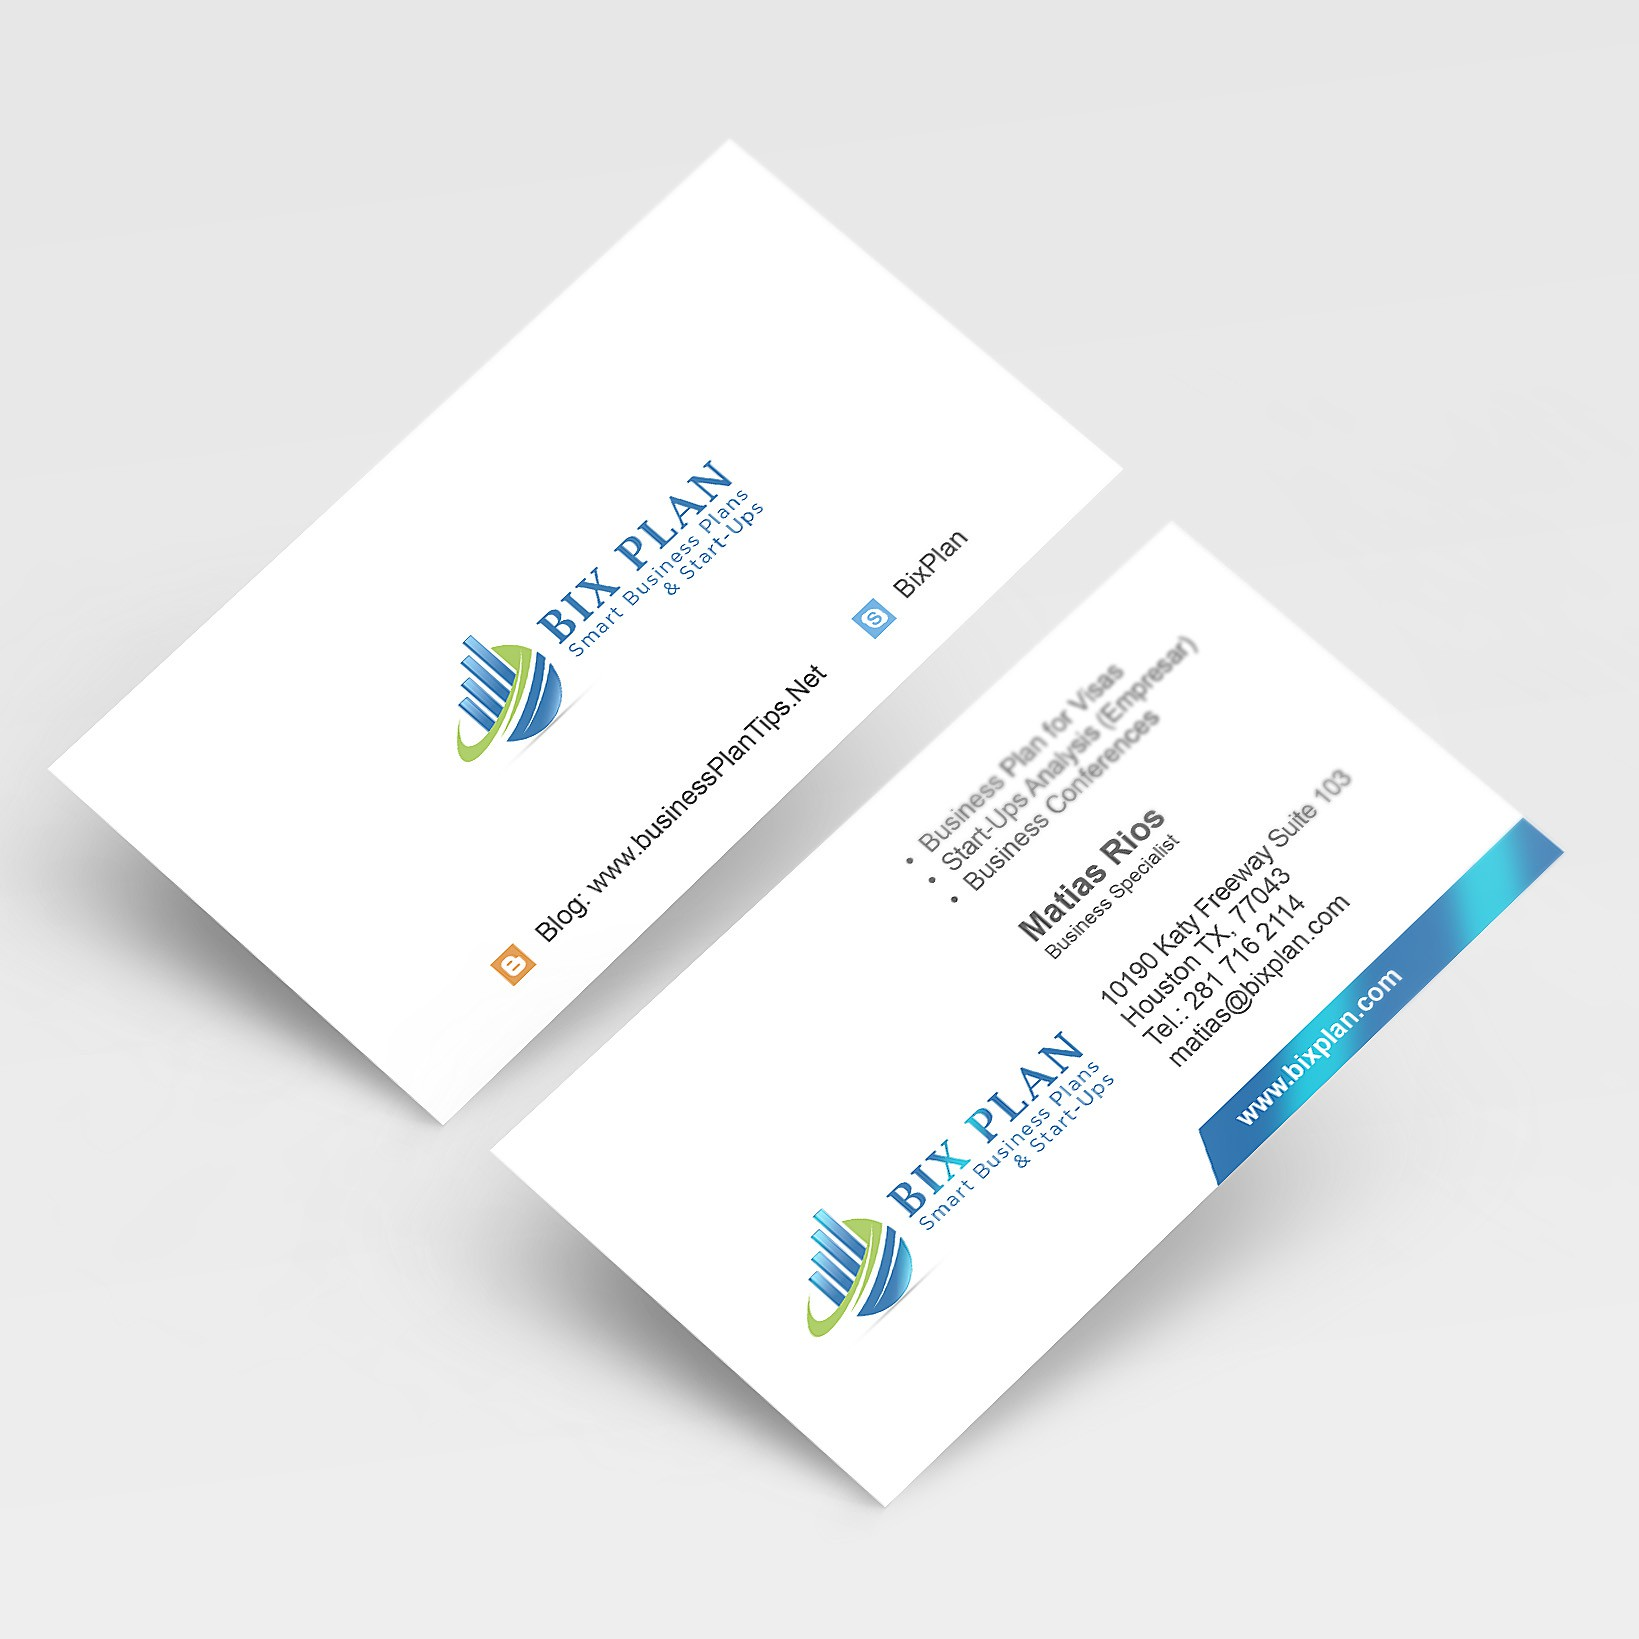 Biz International - The Business Plan experts